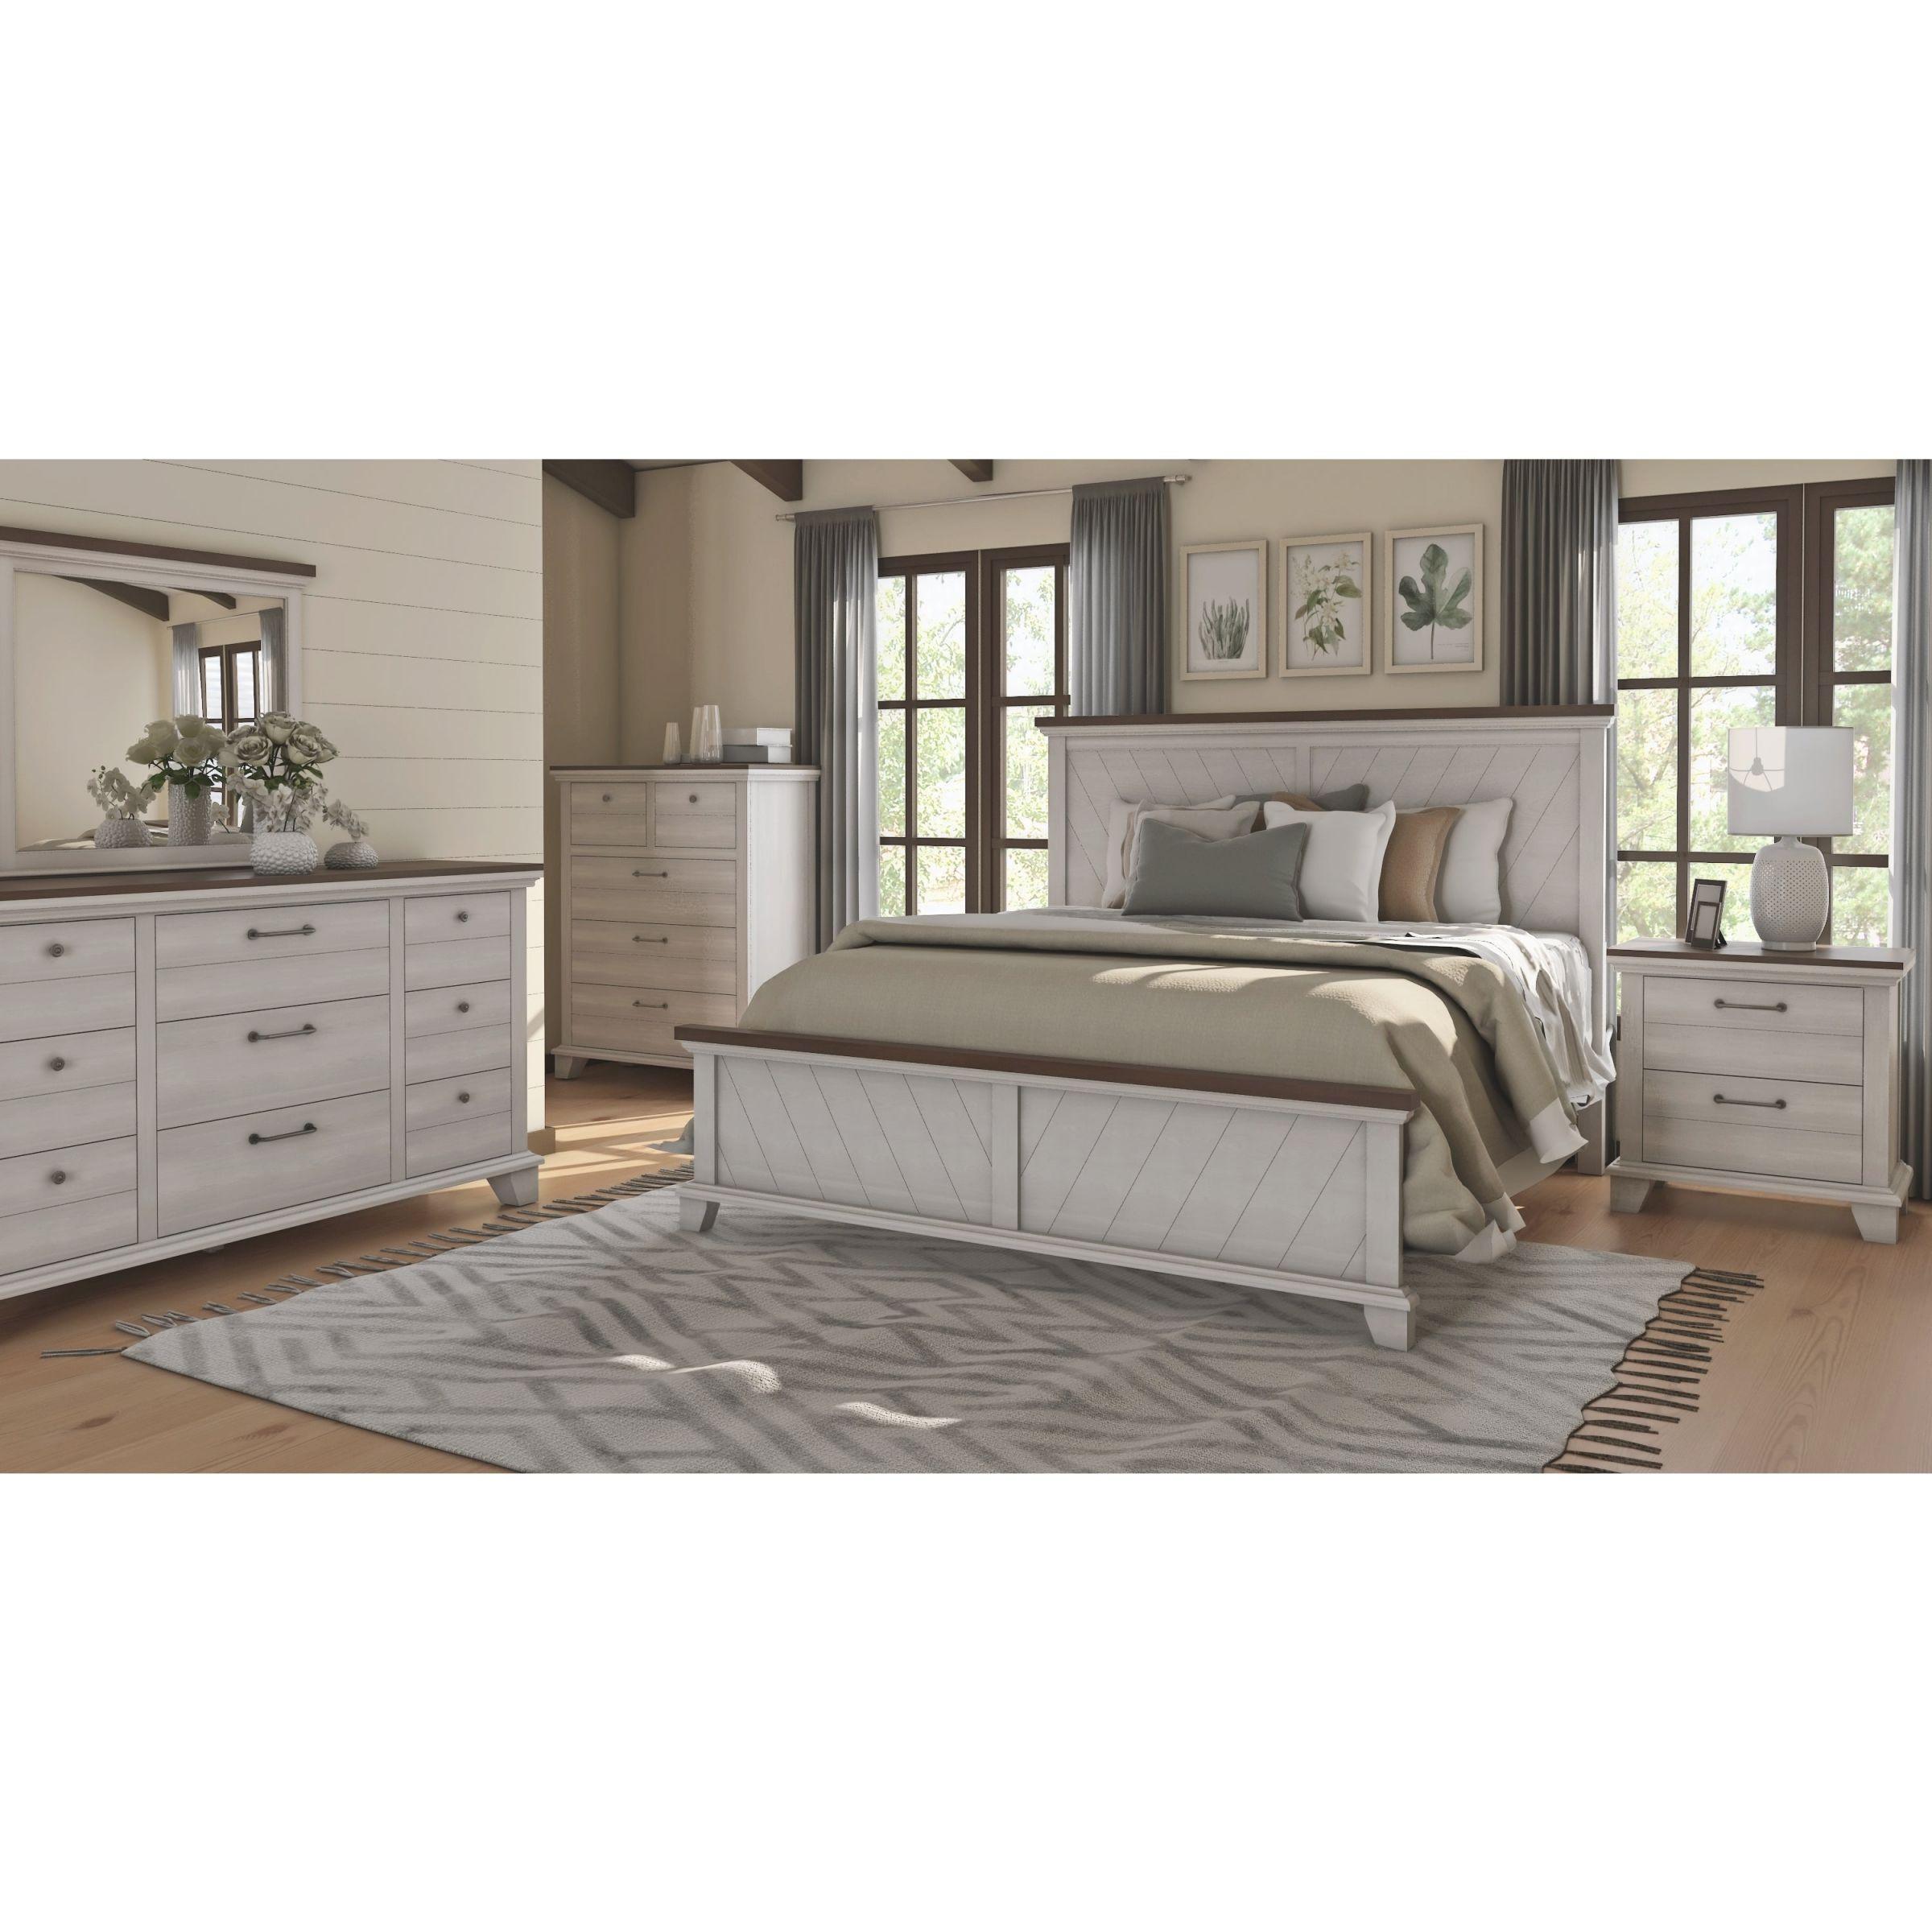 The Gray Barn Overlook Rustic 5-Piece Bedroom Set regarding Unique Rustic Bedroom Furniture Sets